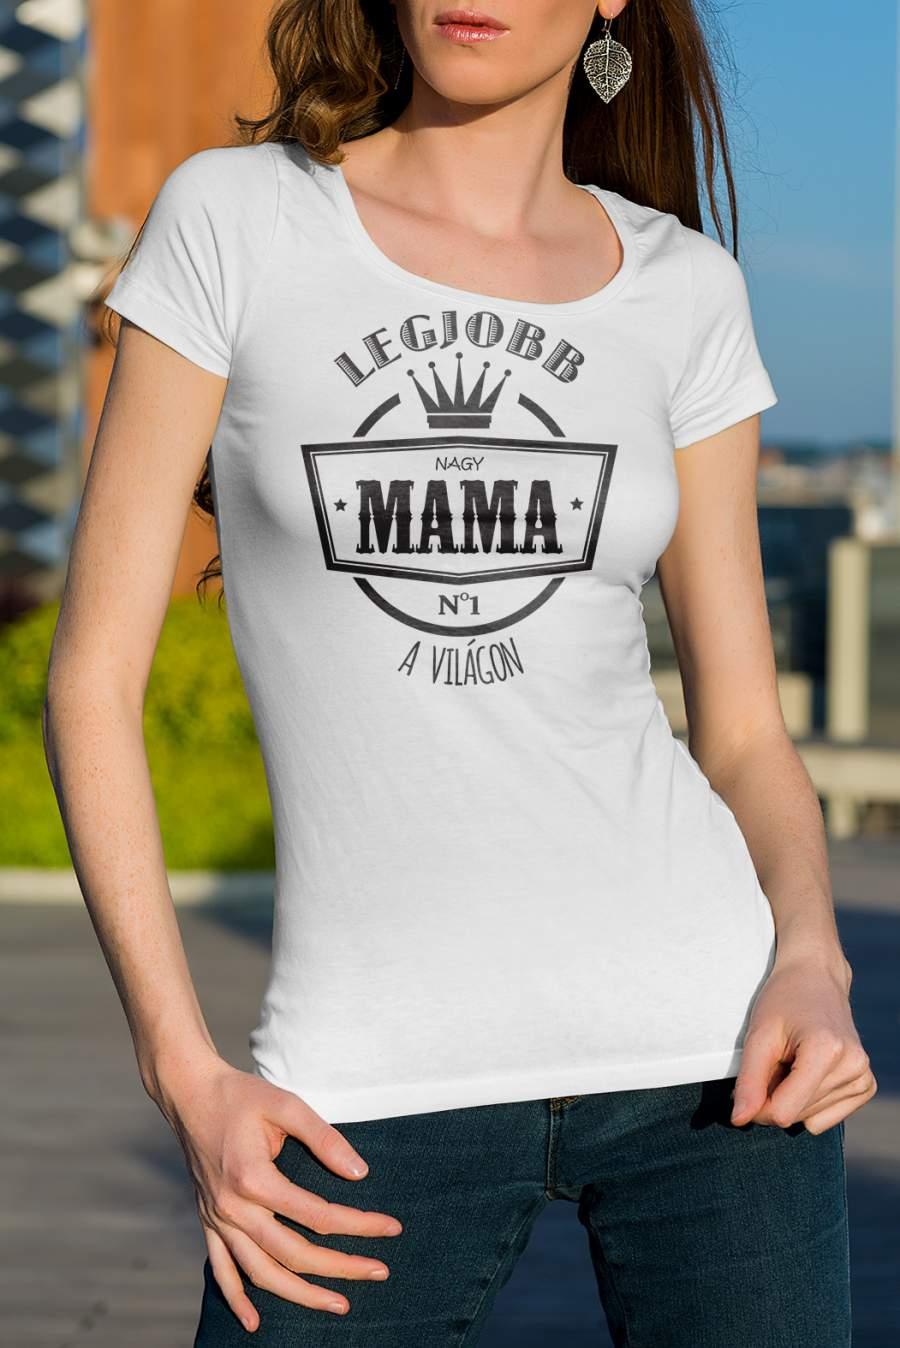 Női póló fehér legjobb mama